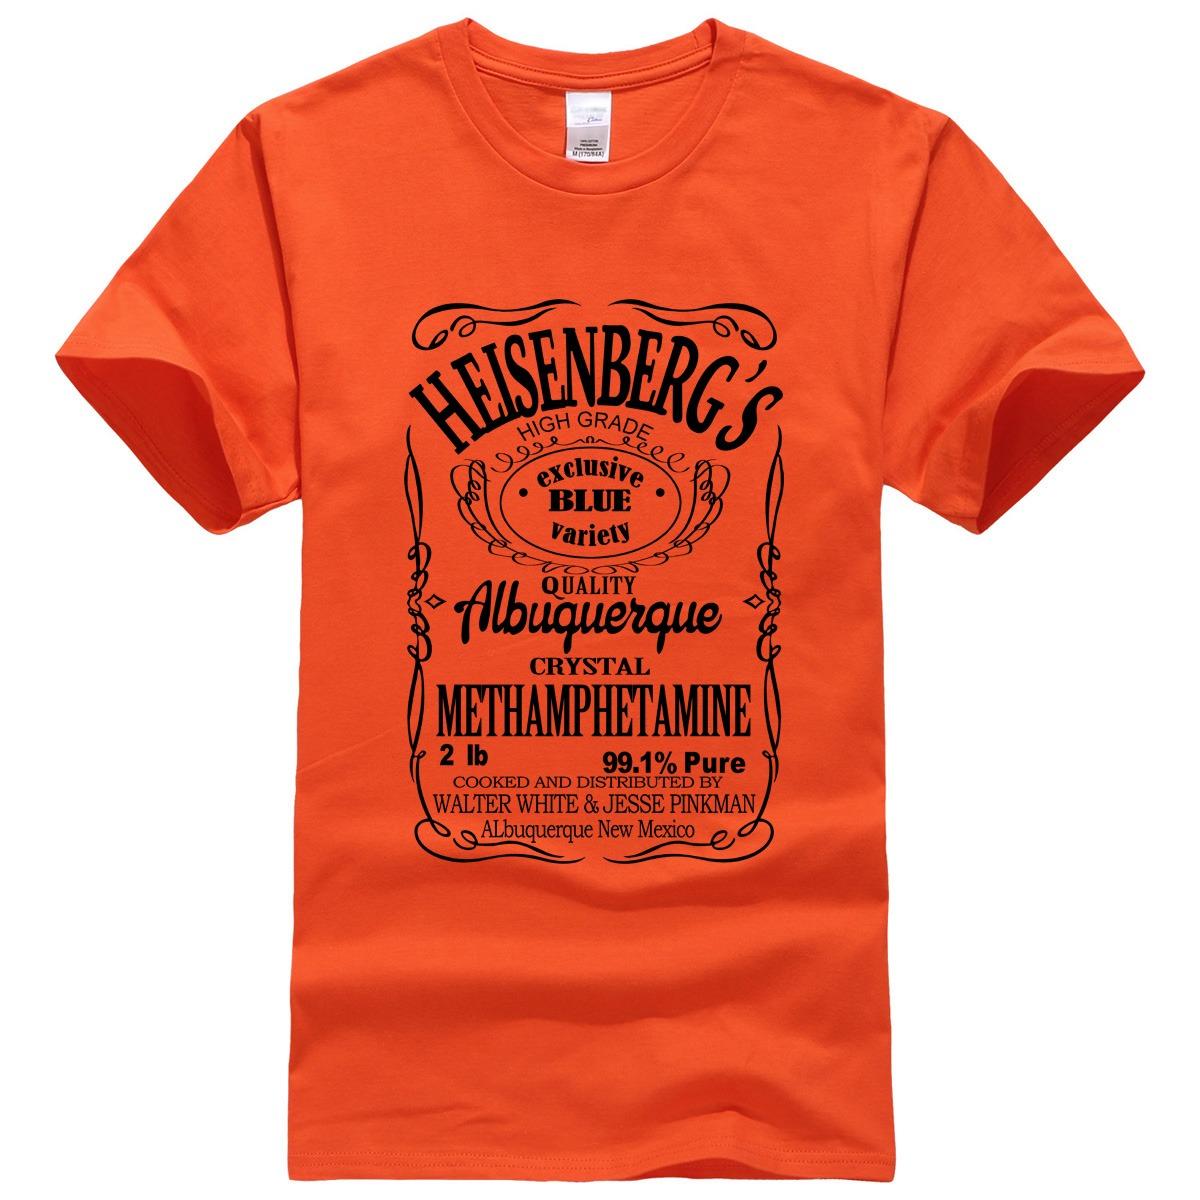 Camiseta Breaking Bad Heisenberg 2020 5